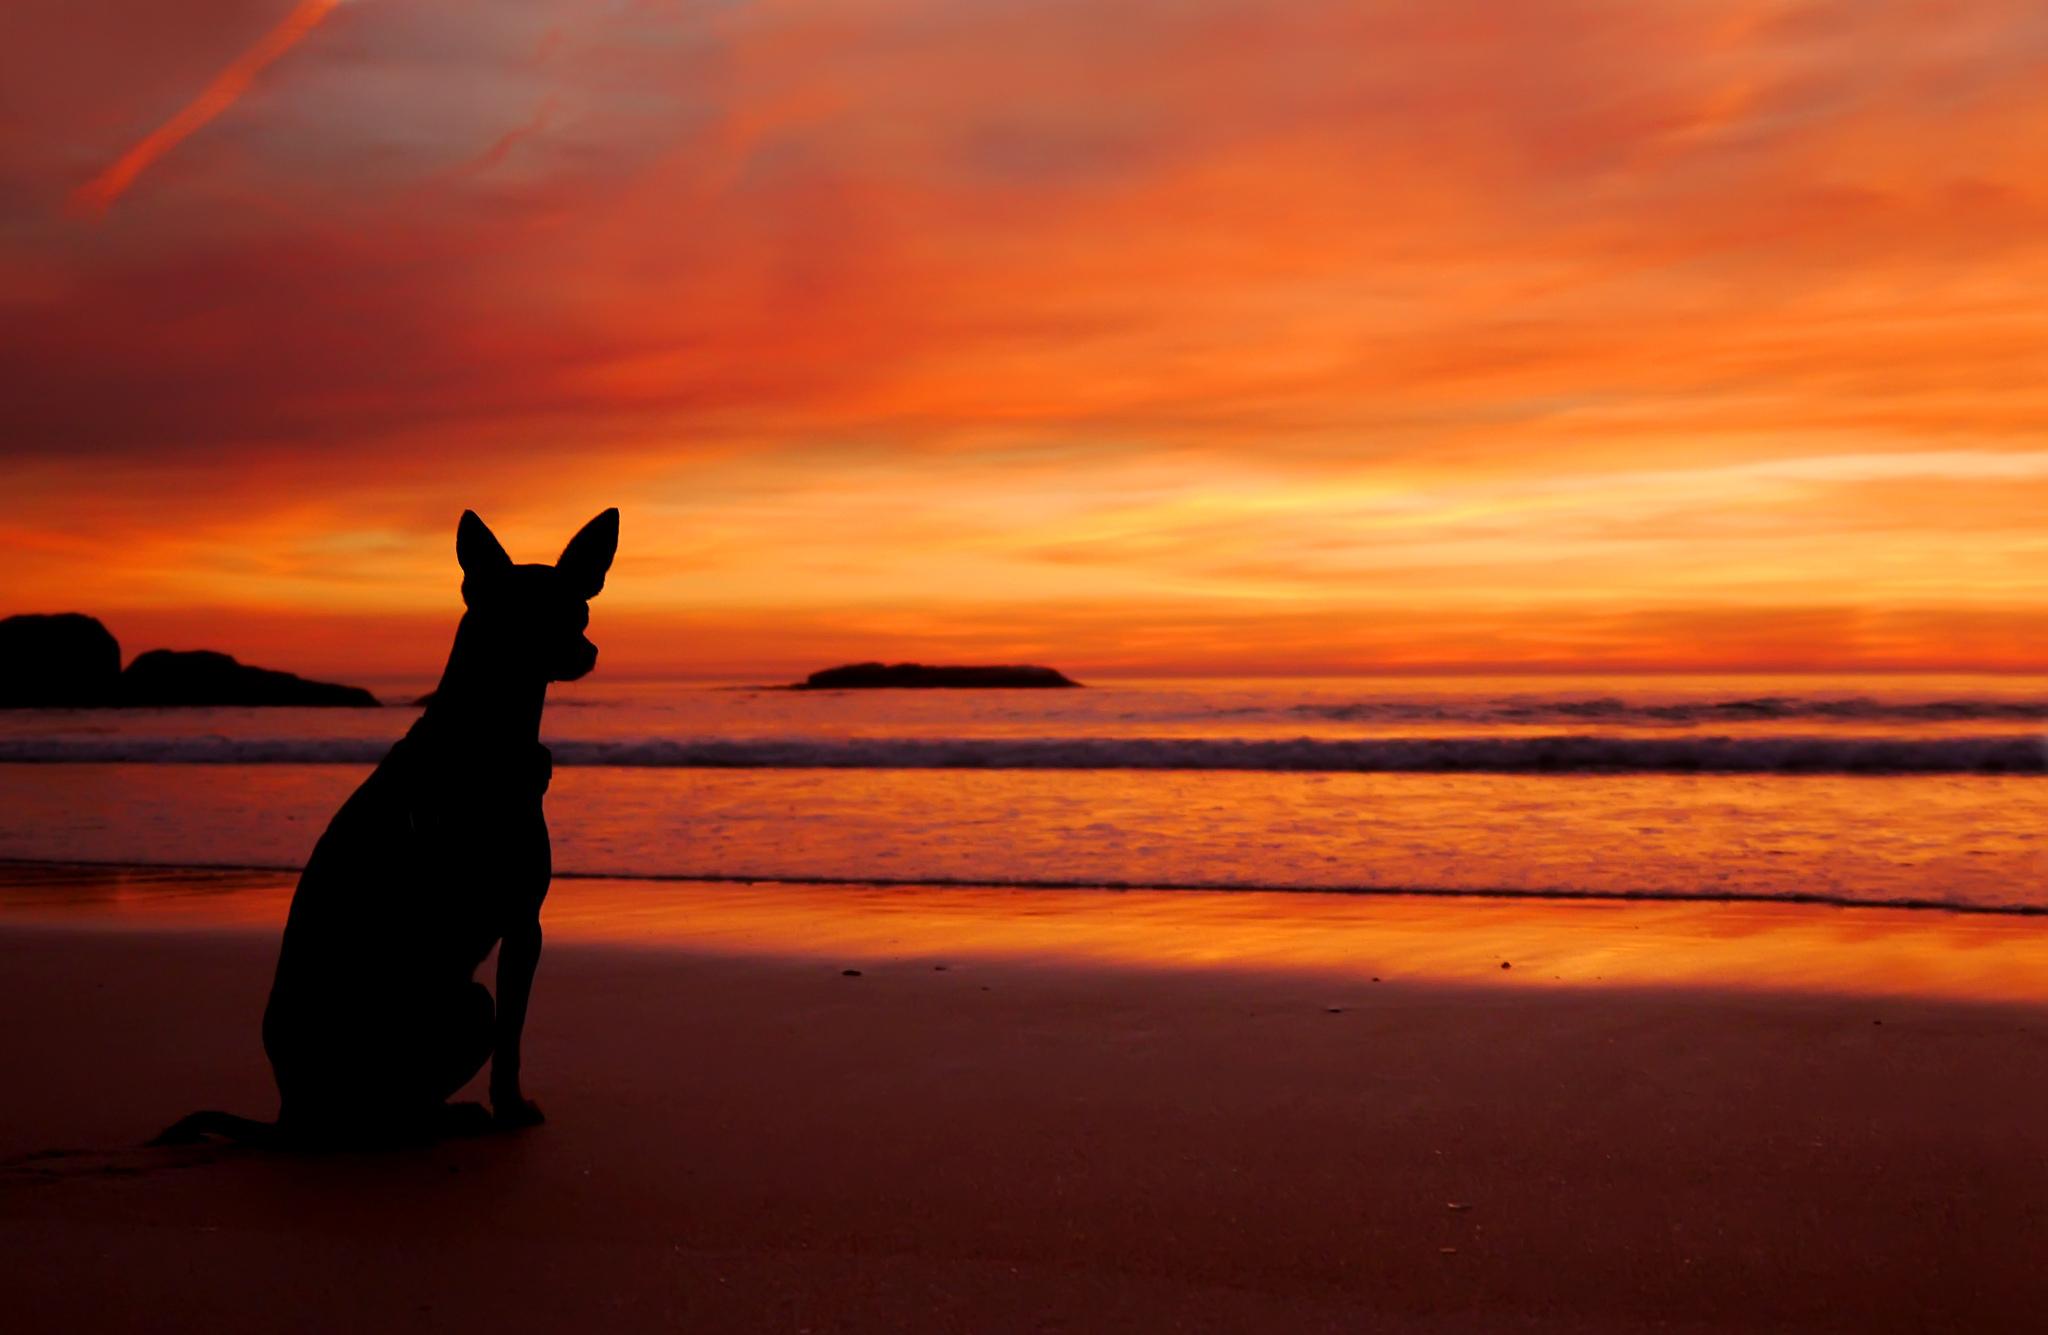 собака песок вода животное природа  № 956953 загрузить